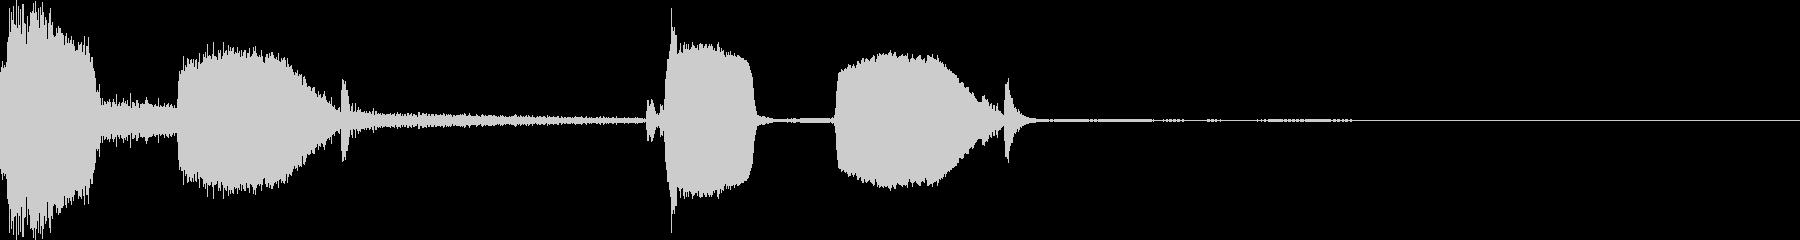 時間の経過を表す音 チクタク 鳩時計の未再生の波形